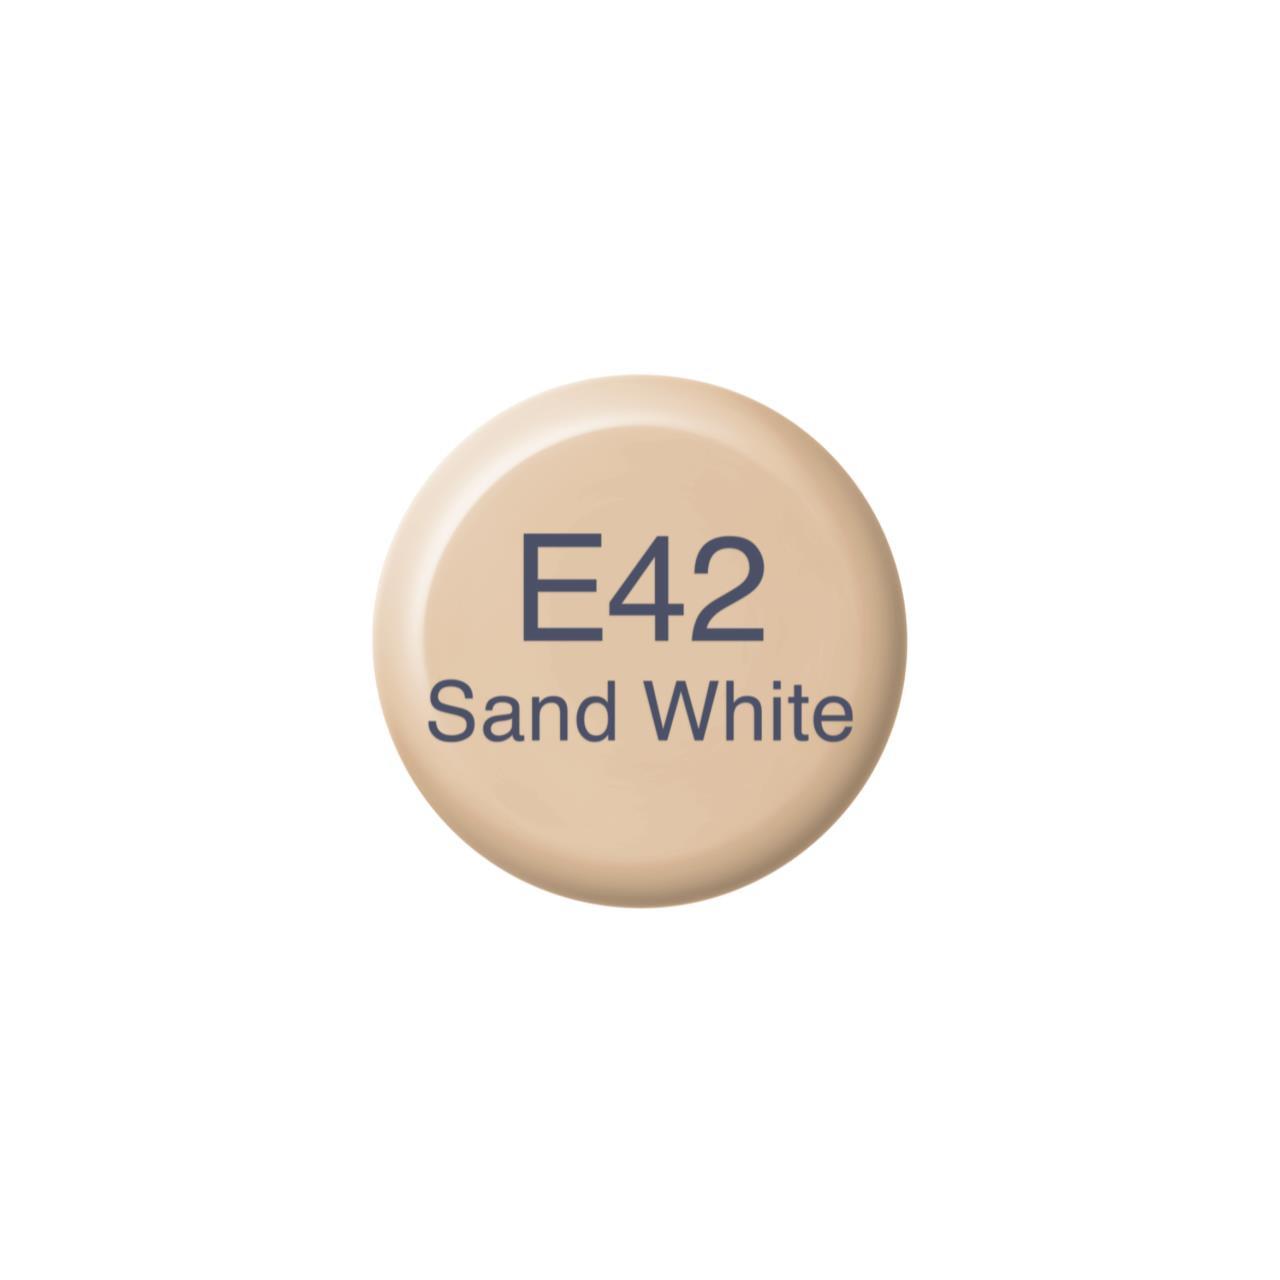 E42 Sand White, Copic Ink - 4511338056875